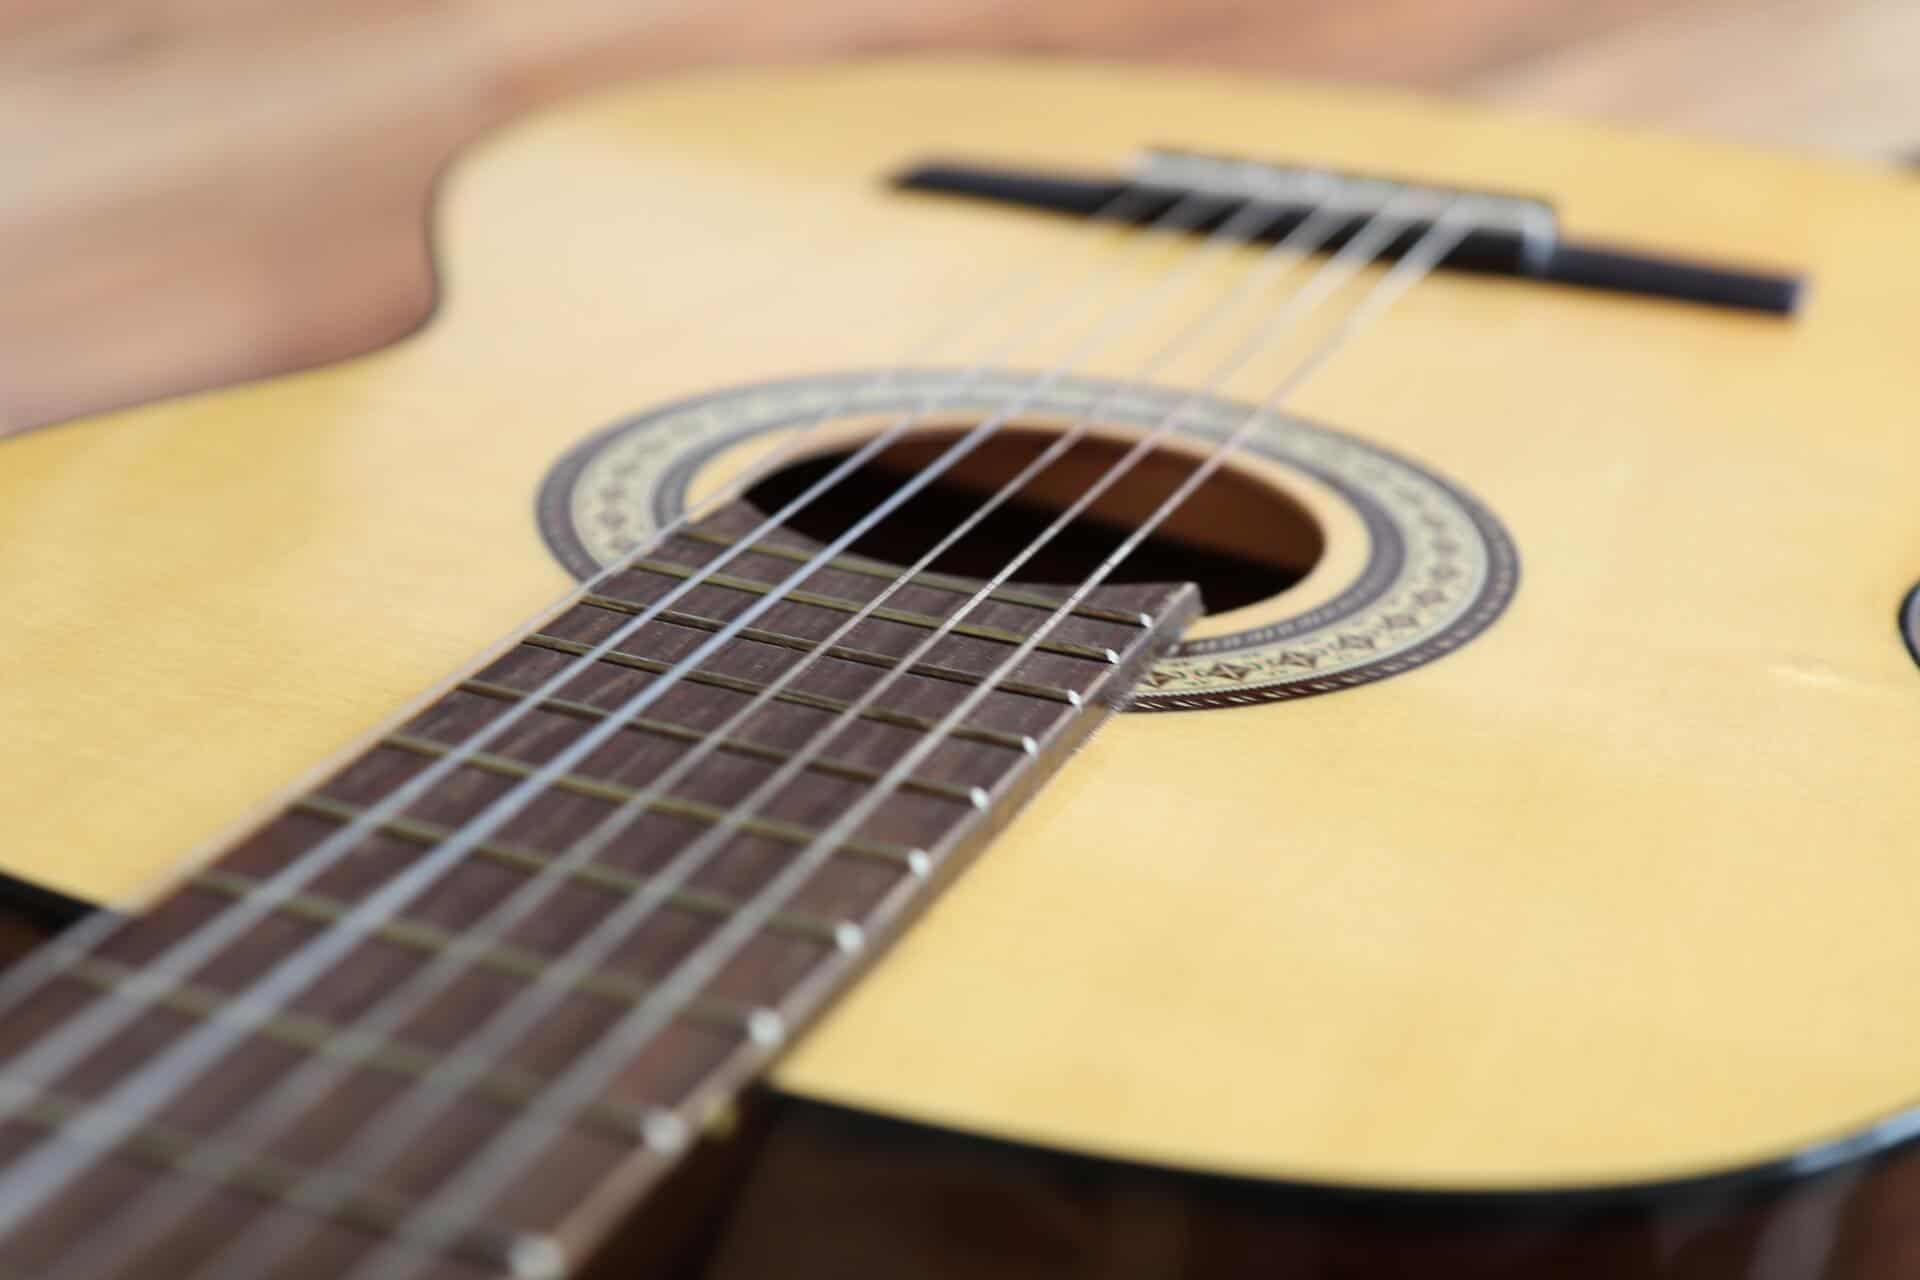 גיטרה עם מרחק נמוך של המיתרים מלוח הסריגים